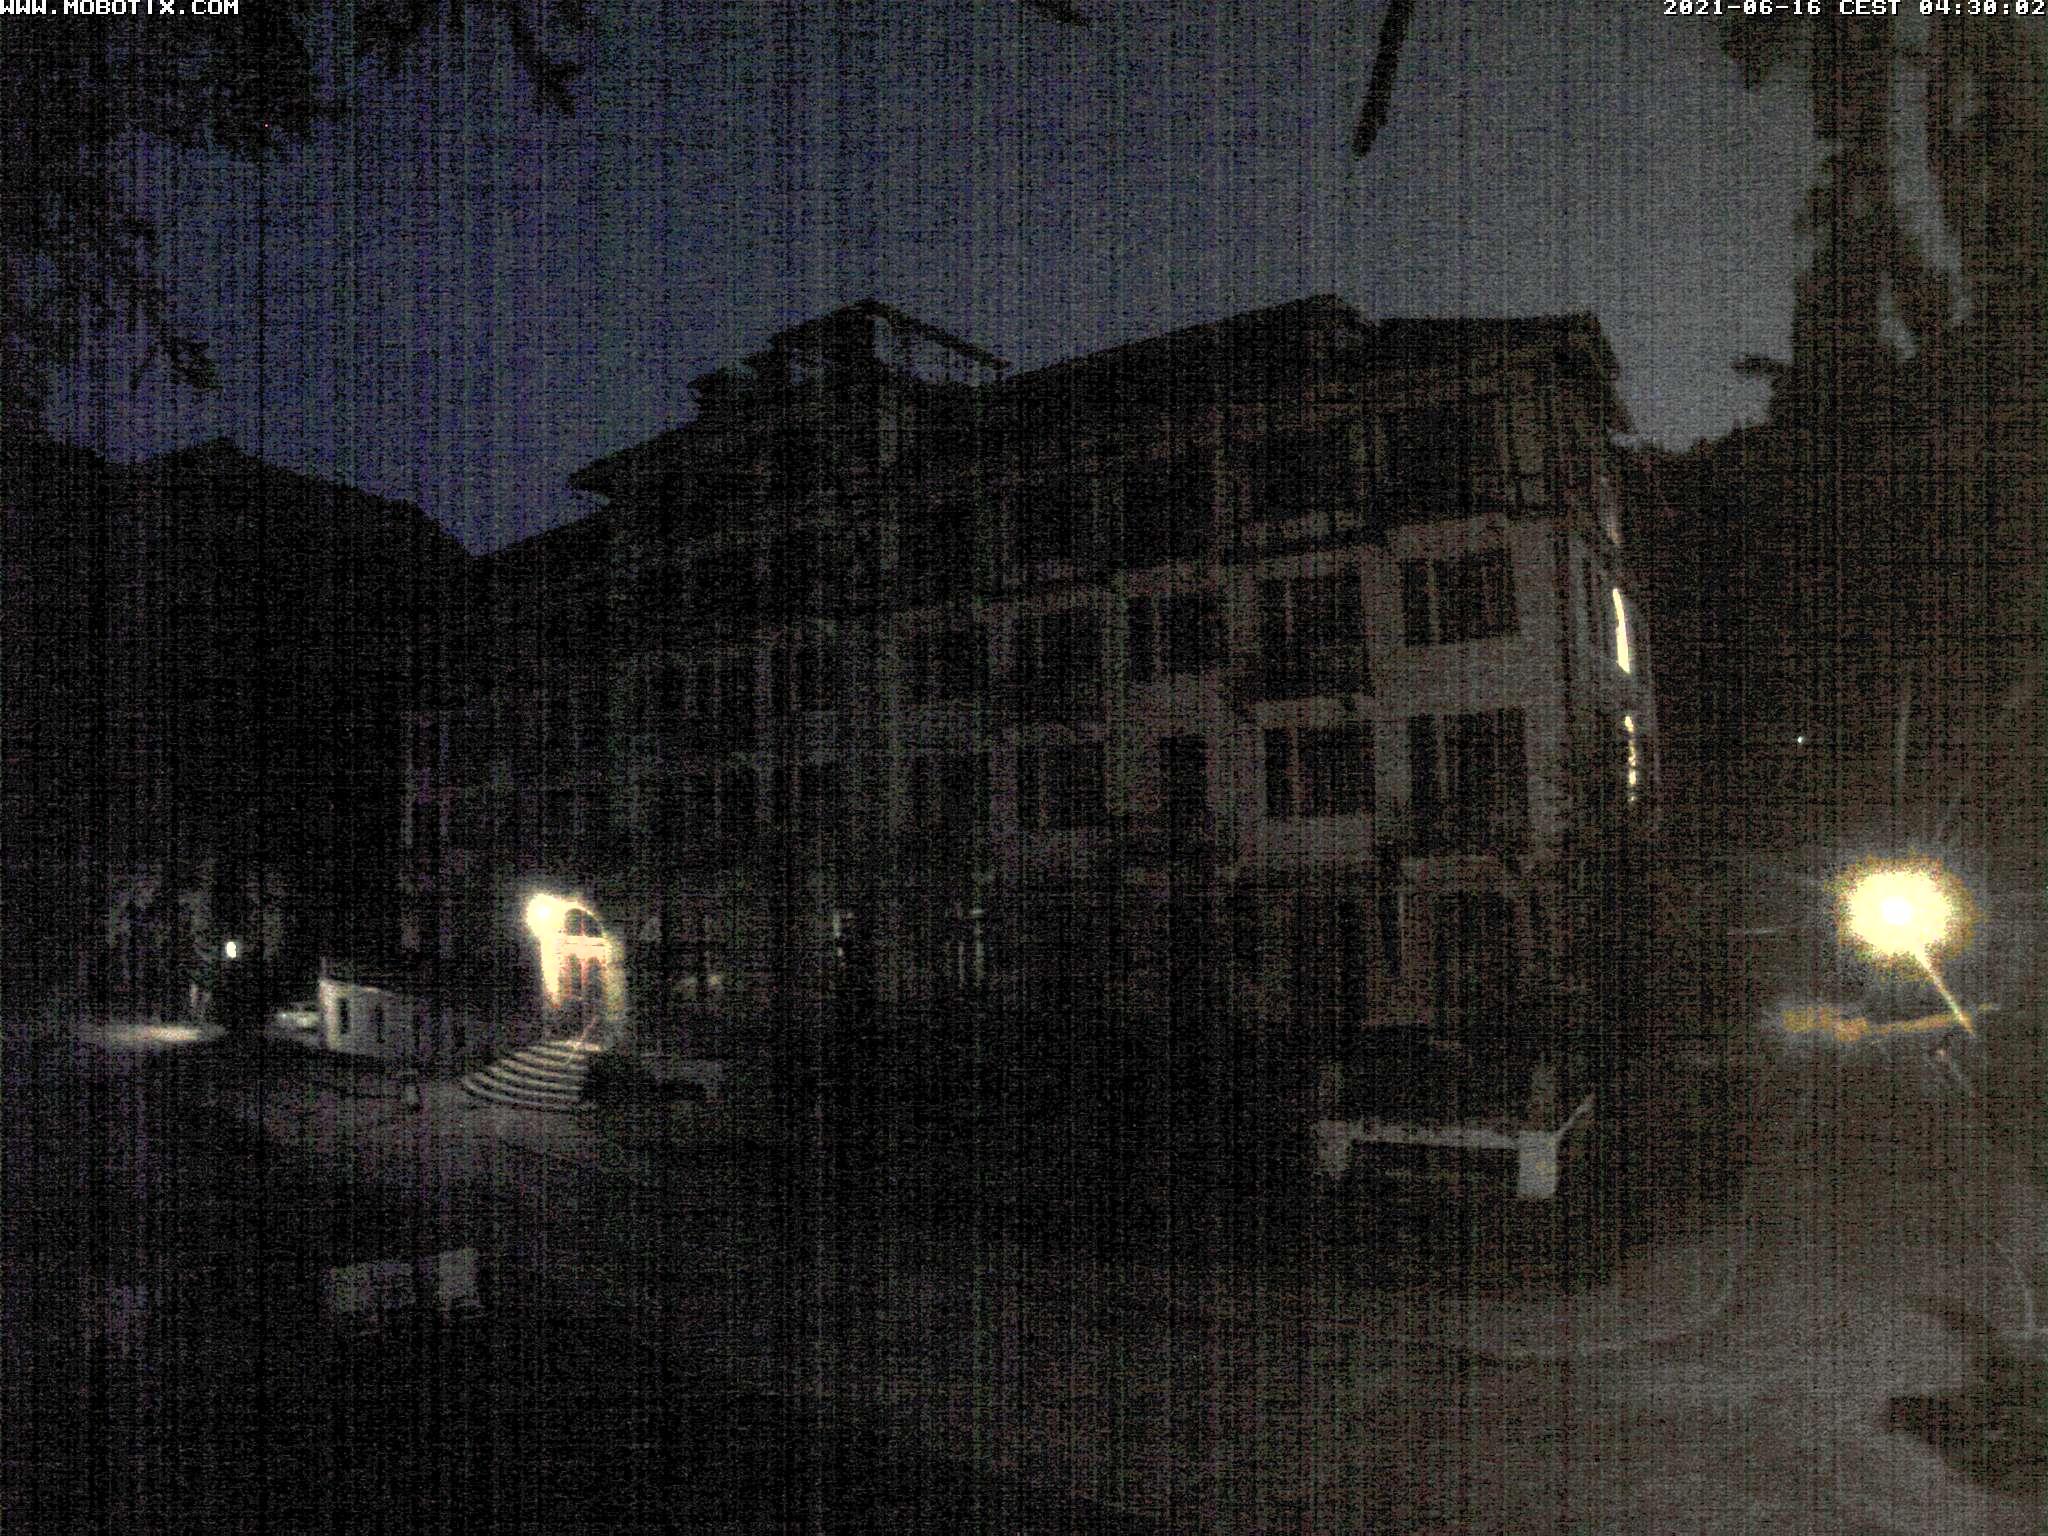 27h ago - 04:30